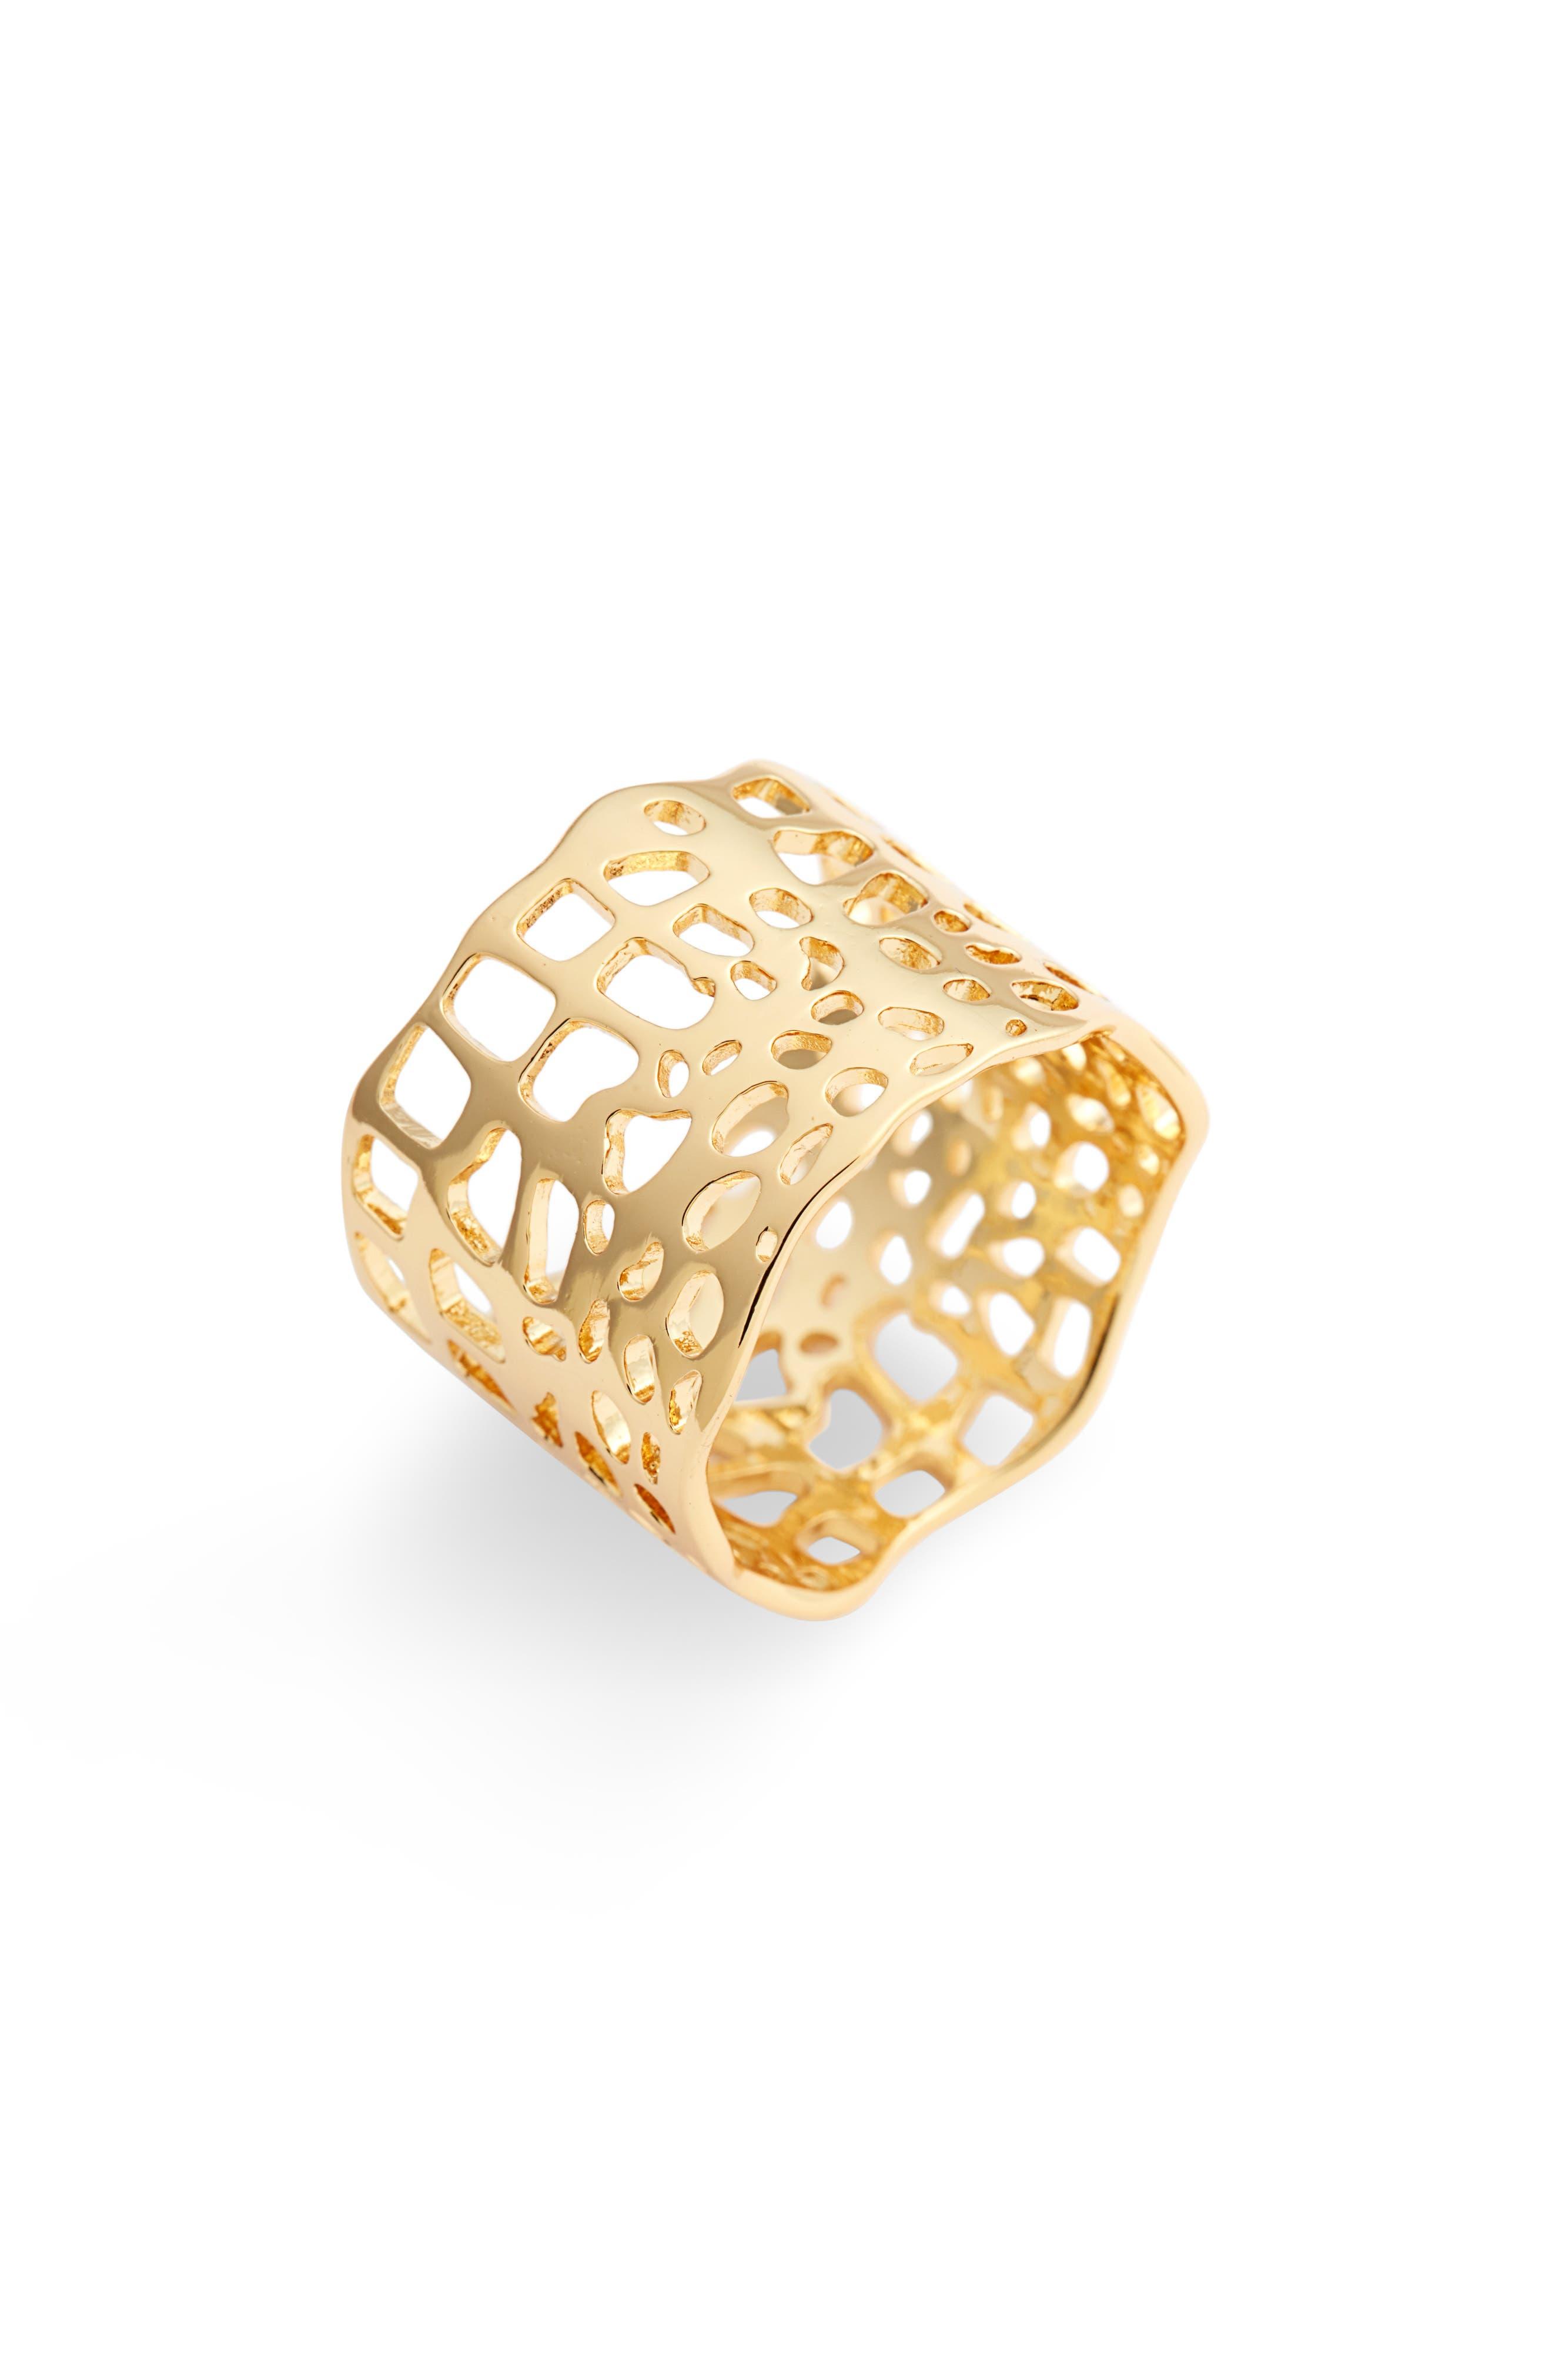 Gia Band Ring